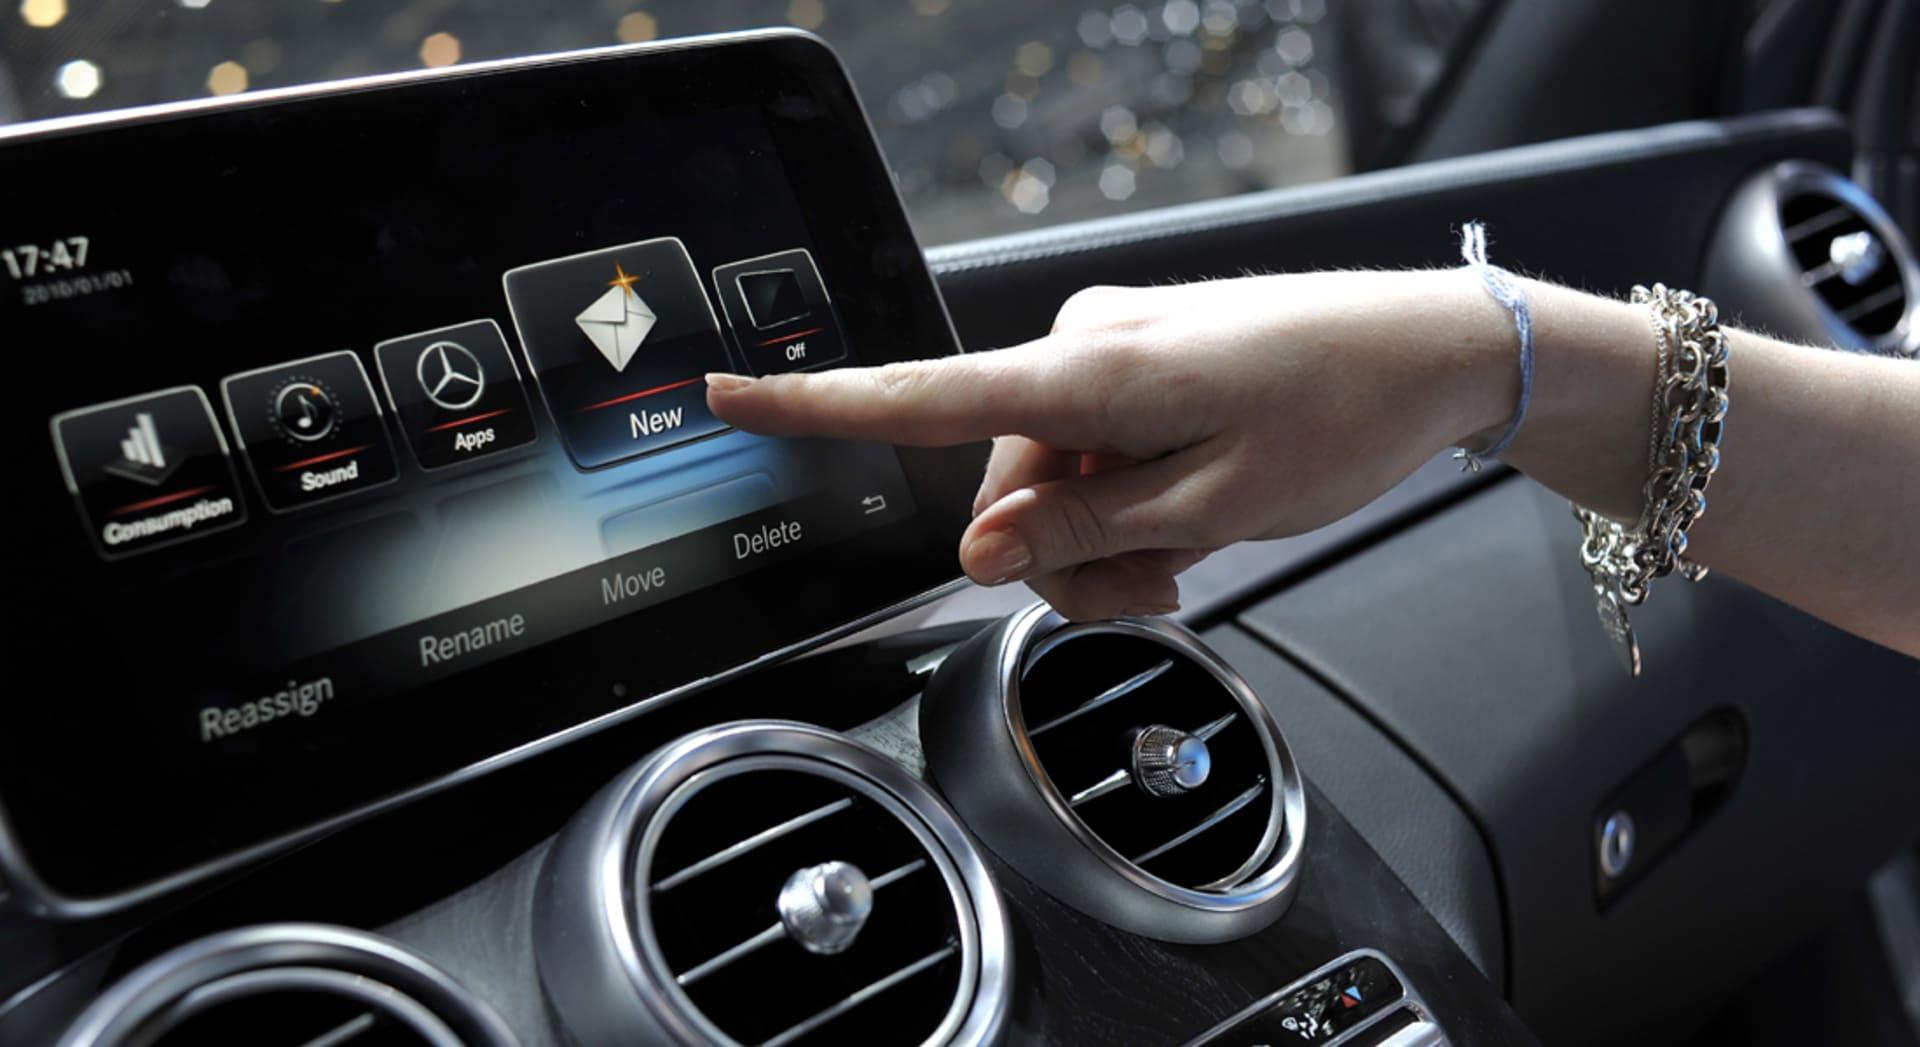 قانون يفرض تركيب كاميرا خلفية في السيارات الأمريكية